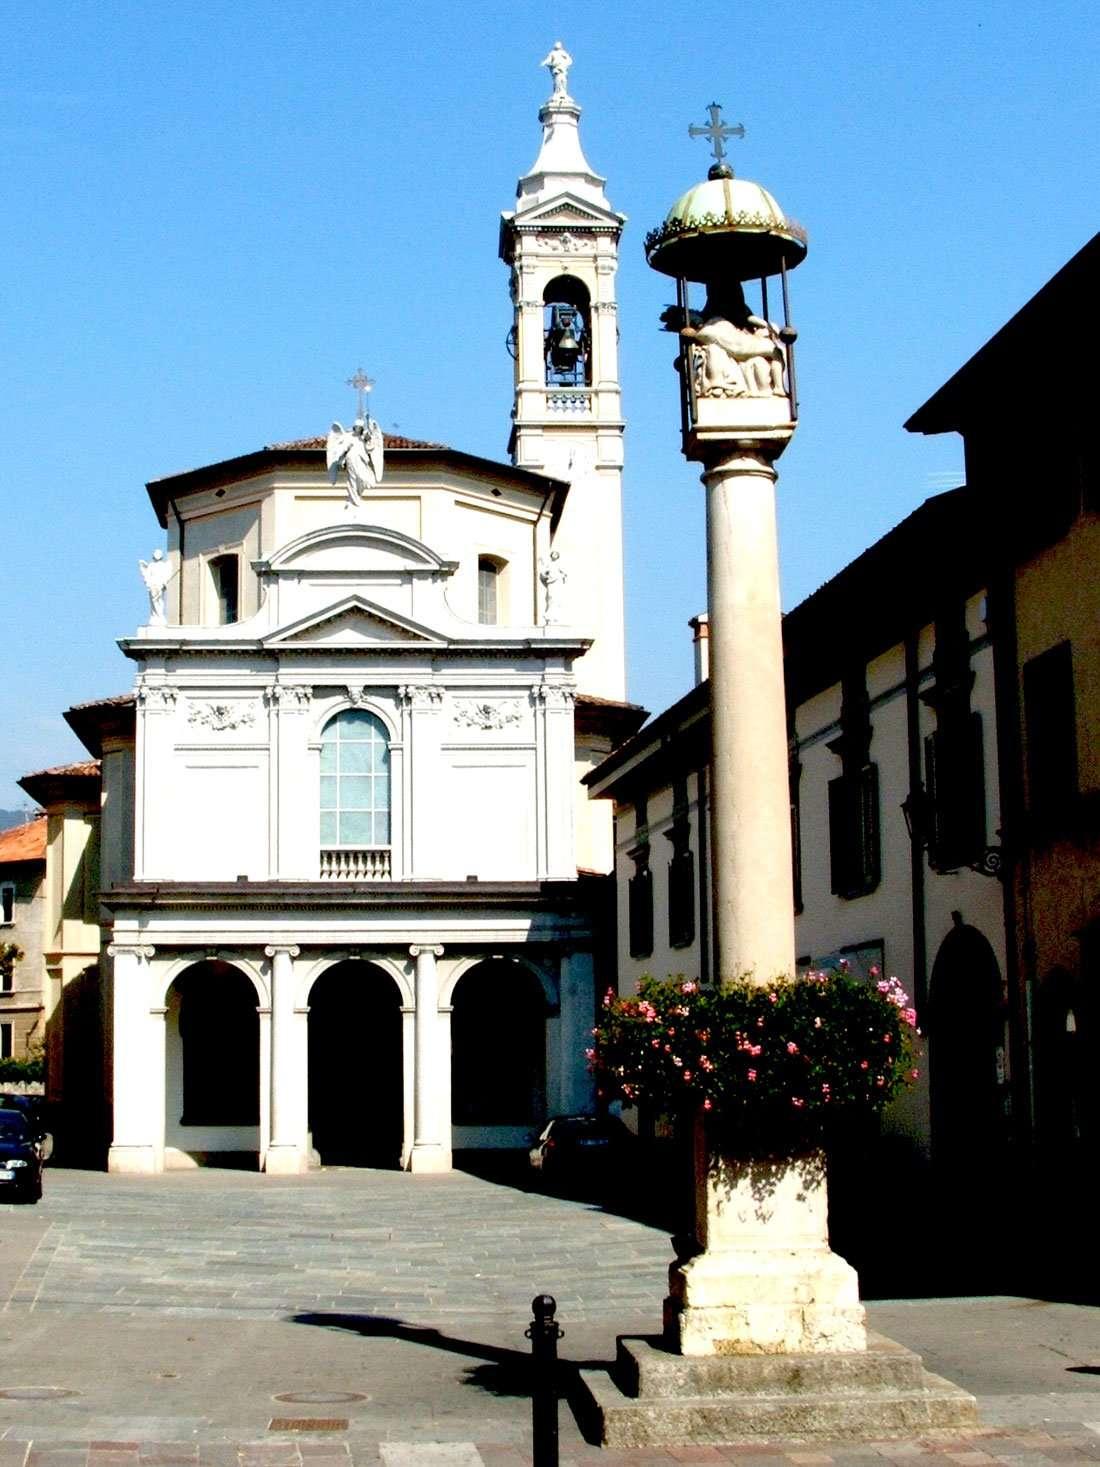 Borgo Santa Caterina - Santuario della Beata Vergine Addolorata